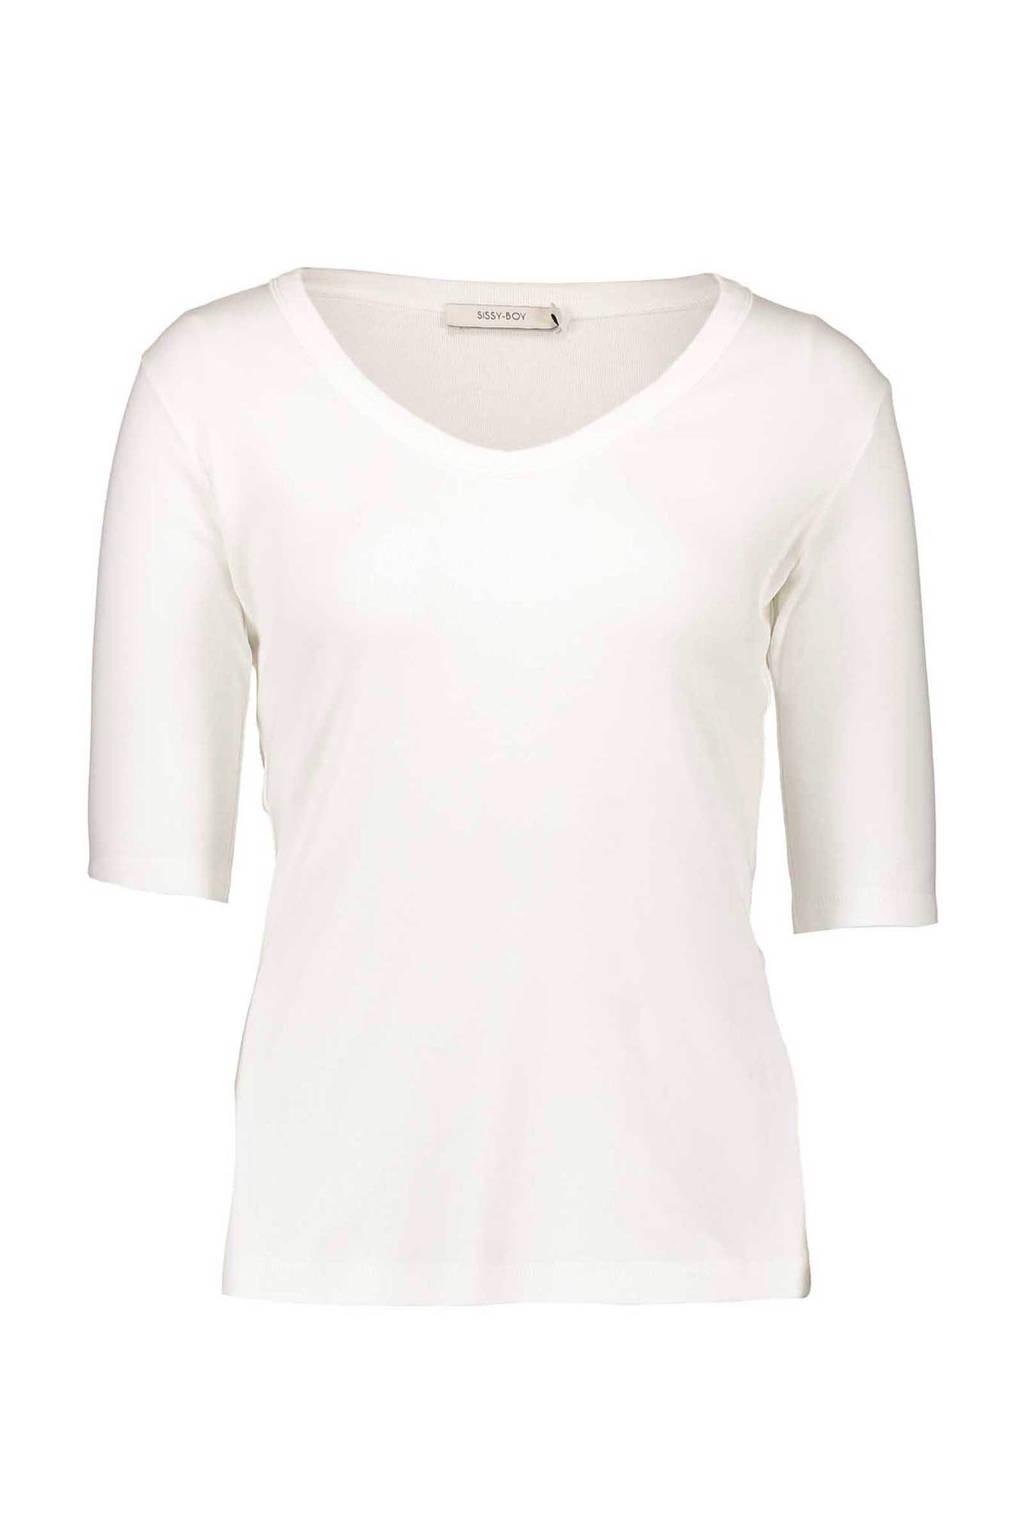 Sissy-Boy T-shirt wit, Bright White